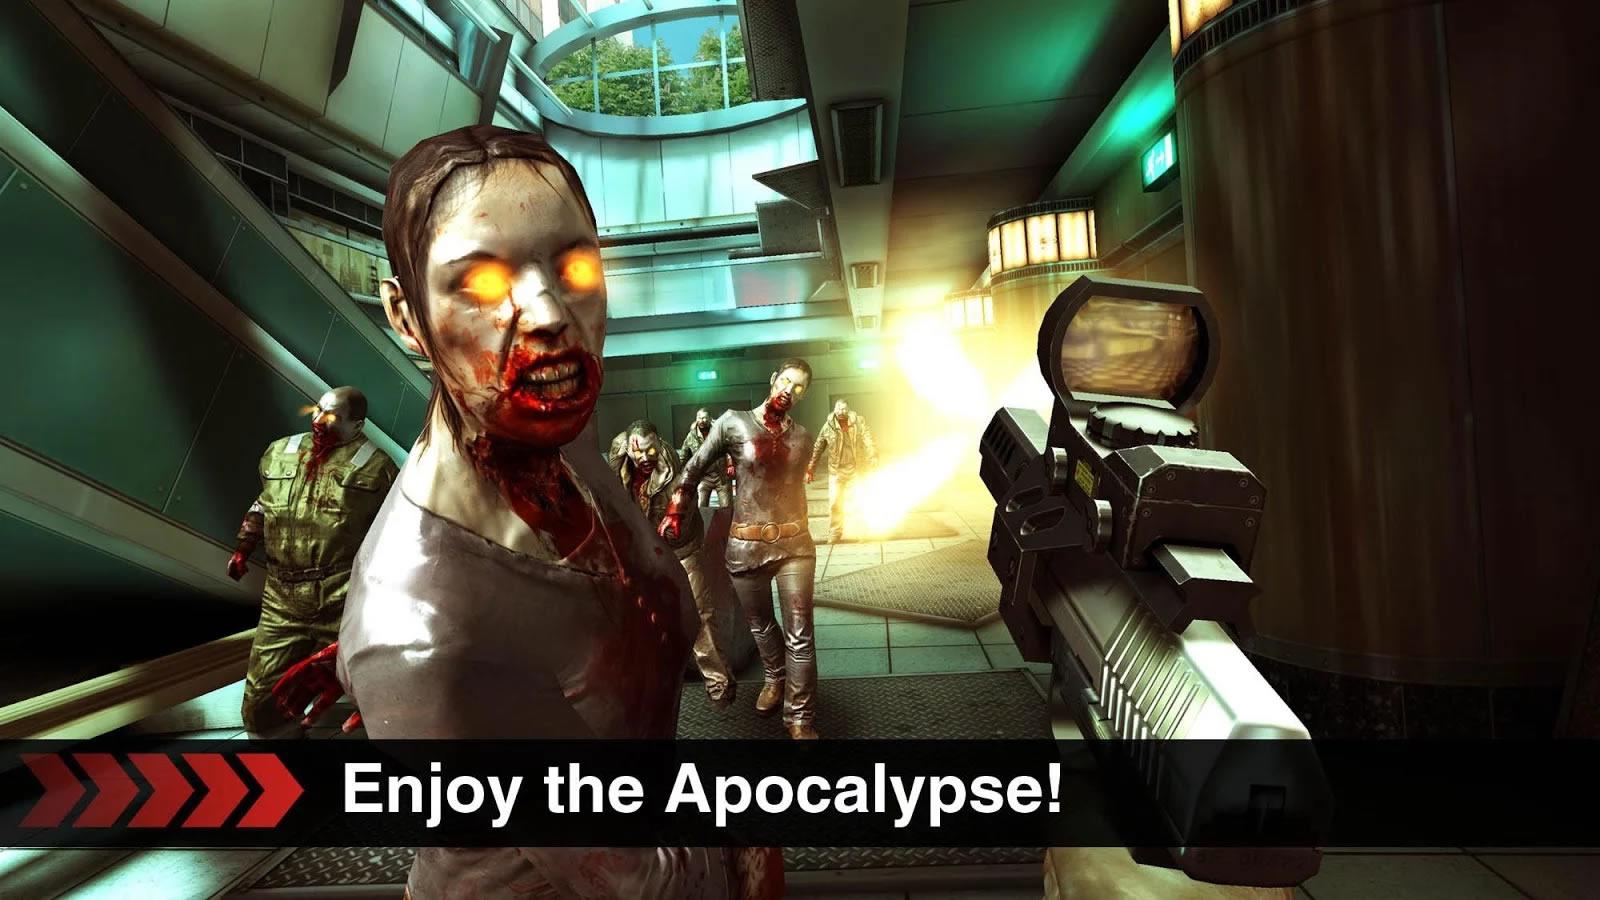 Dead salesman games online